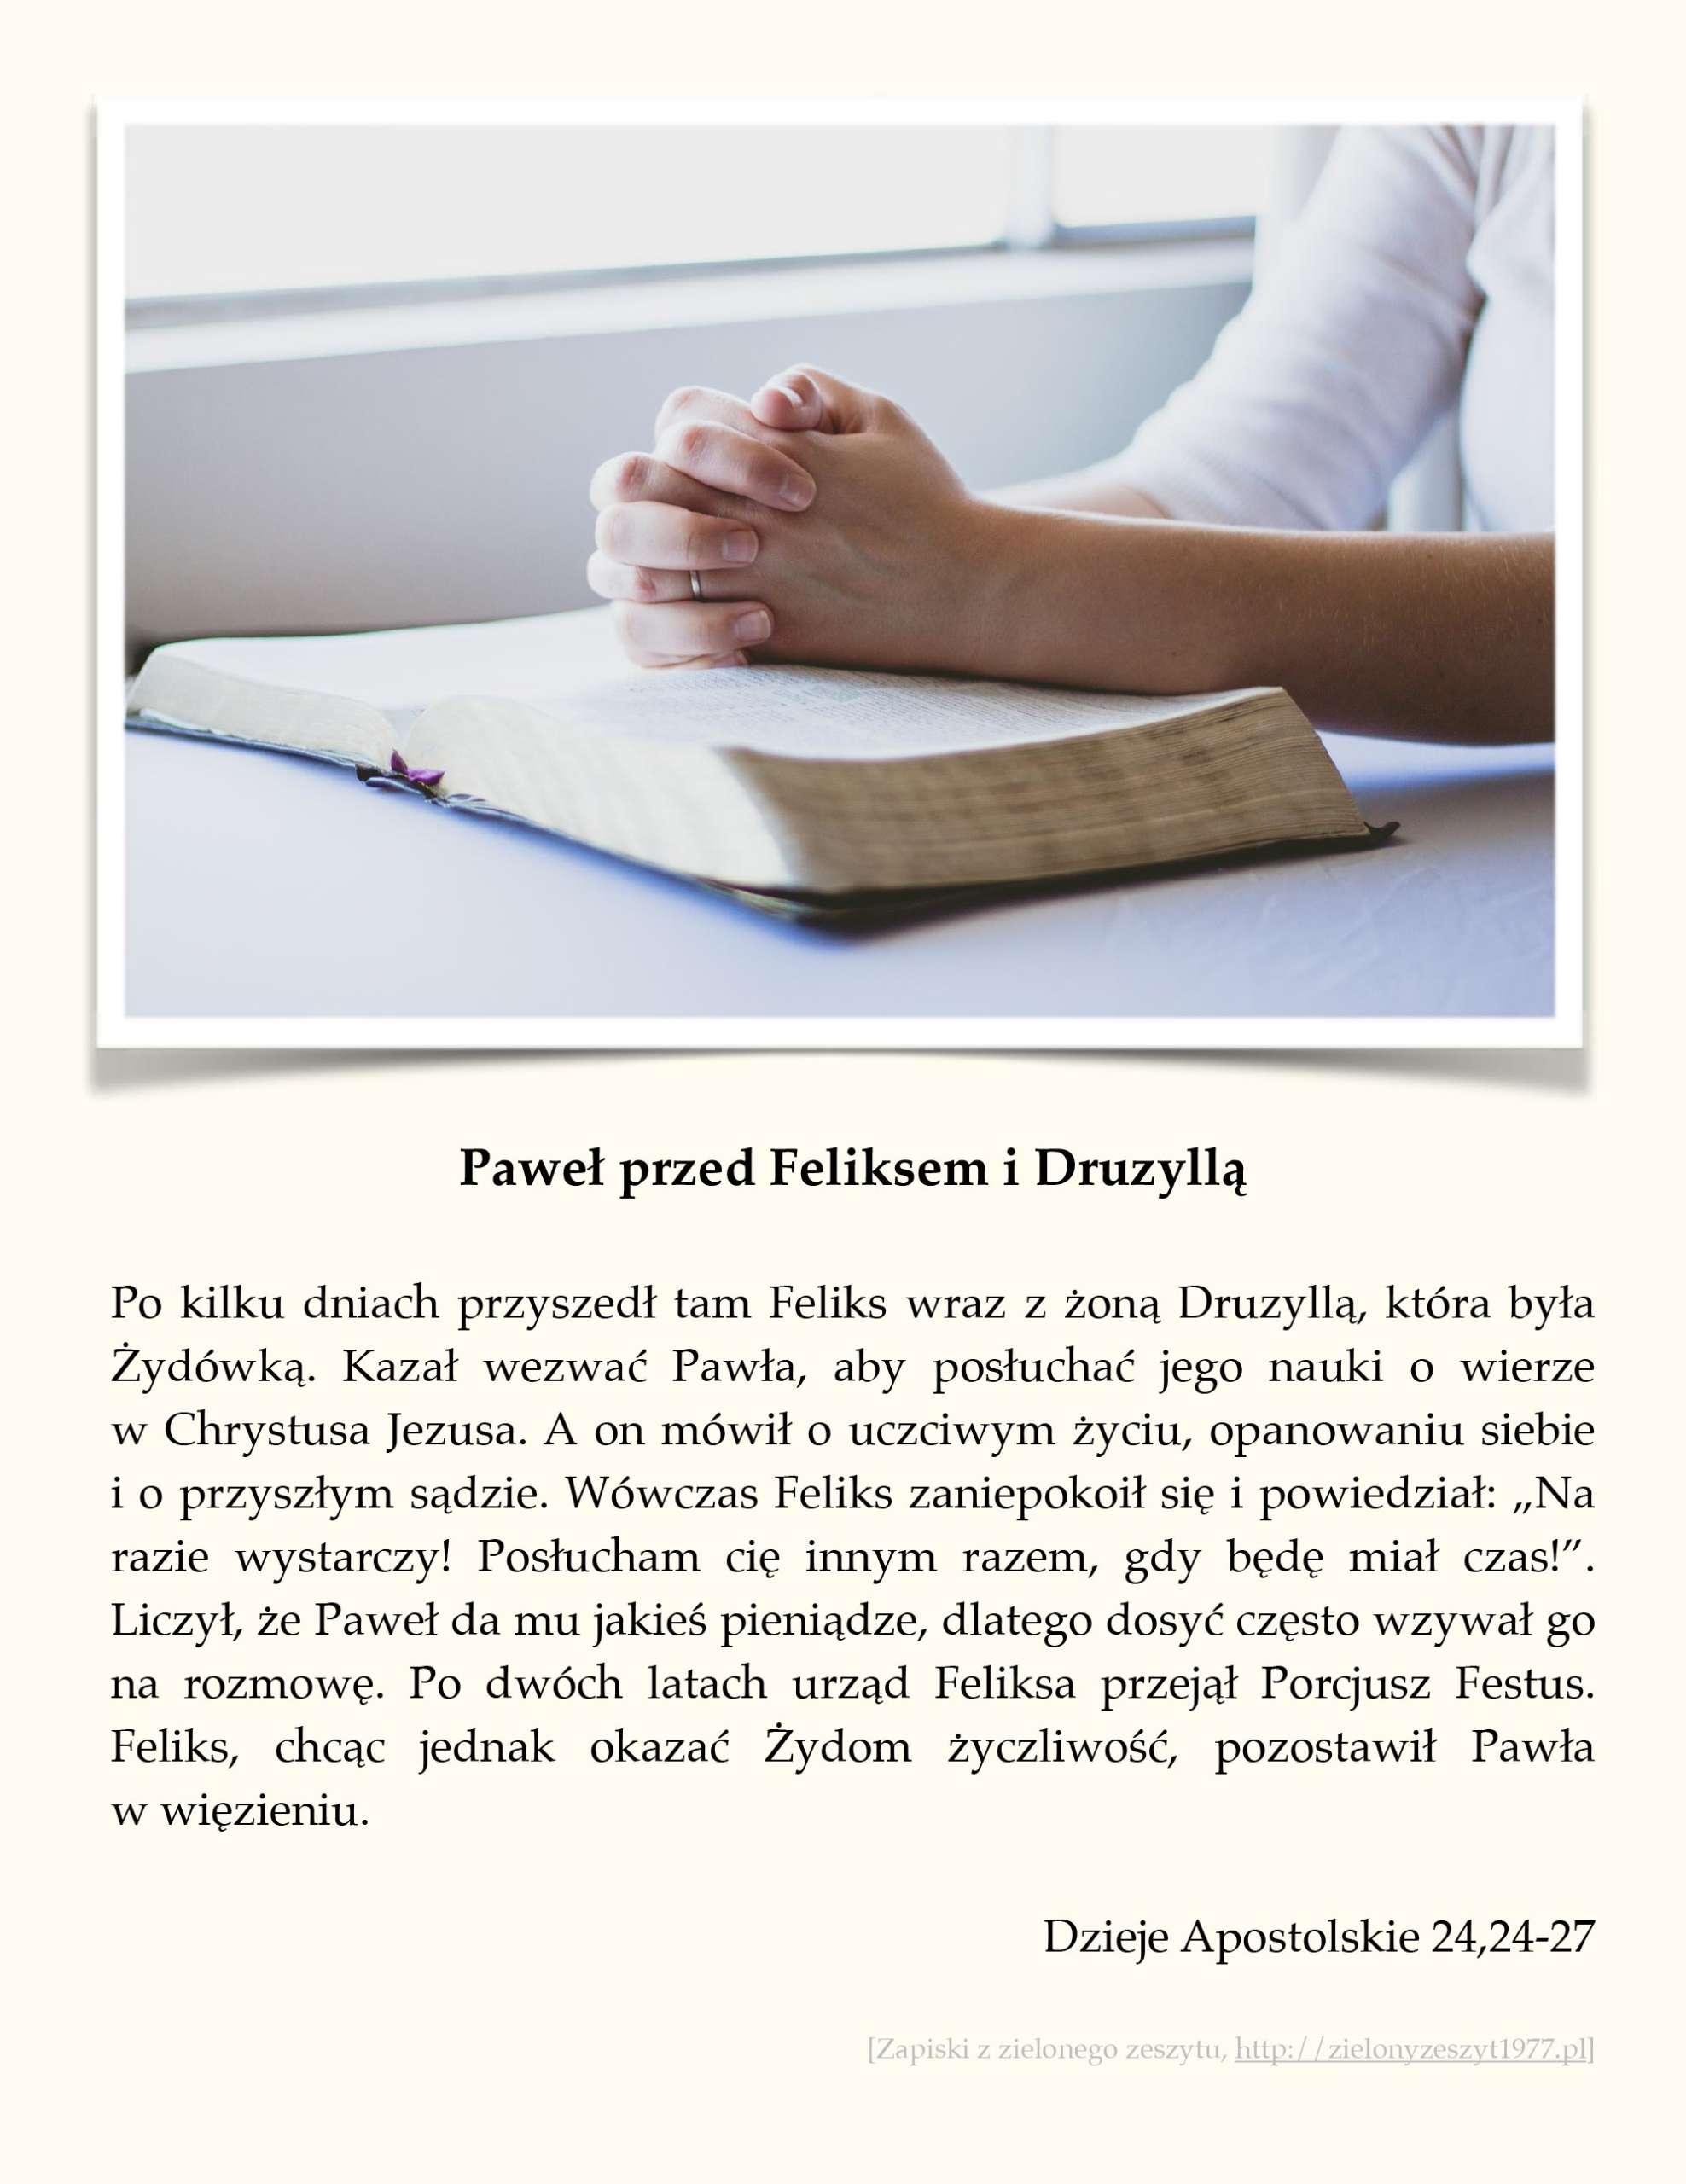 Dzieje Apostolskie 24,24-27 (Paweł przed Feliksem i Druzyllą)